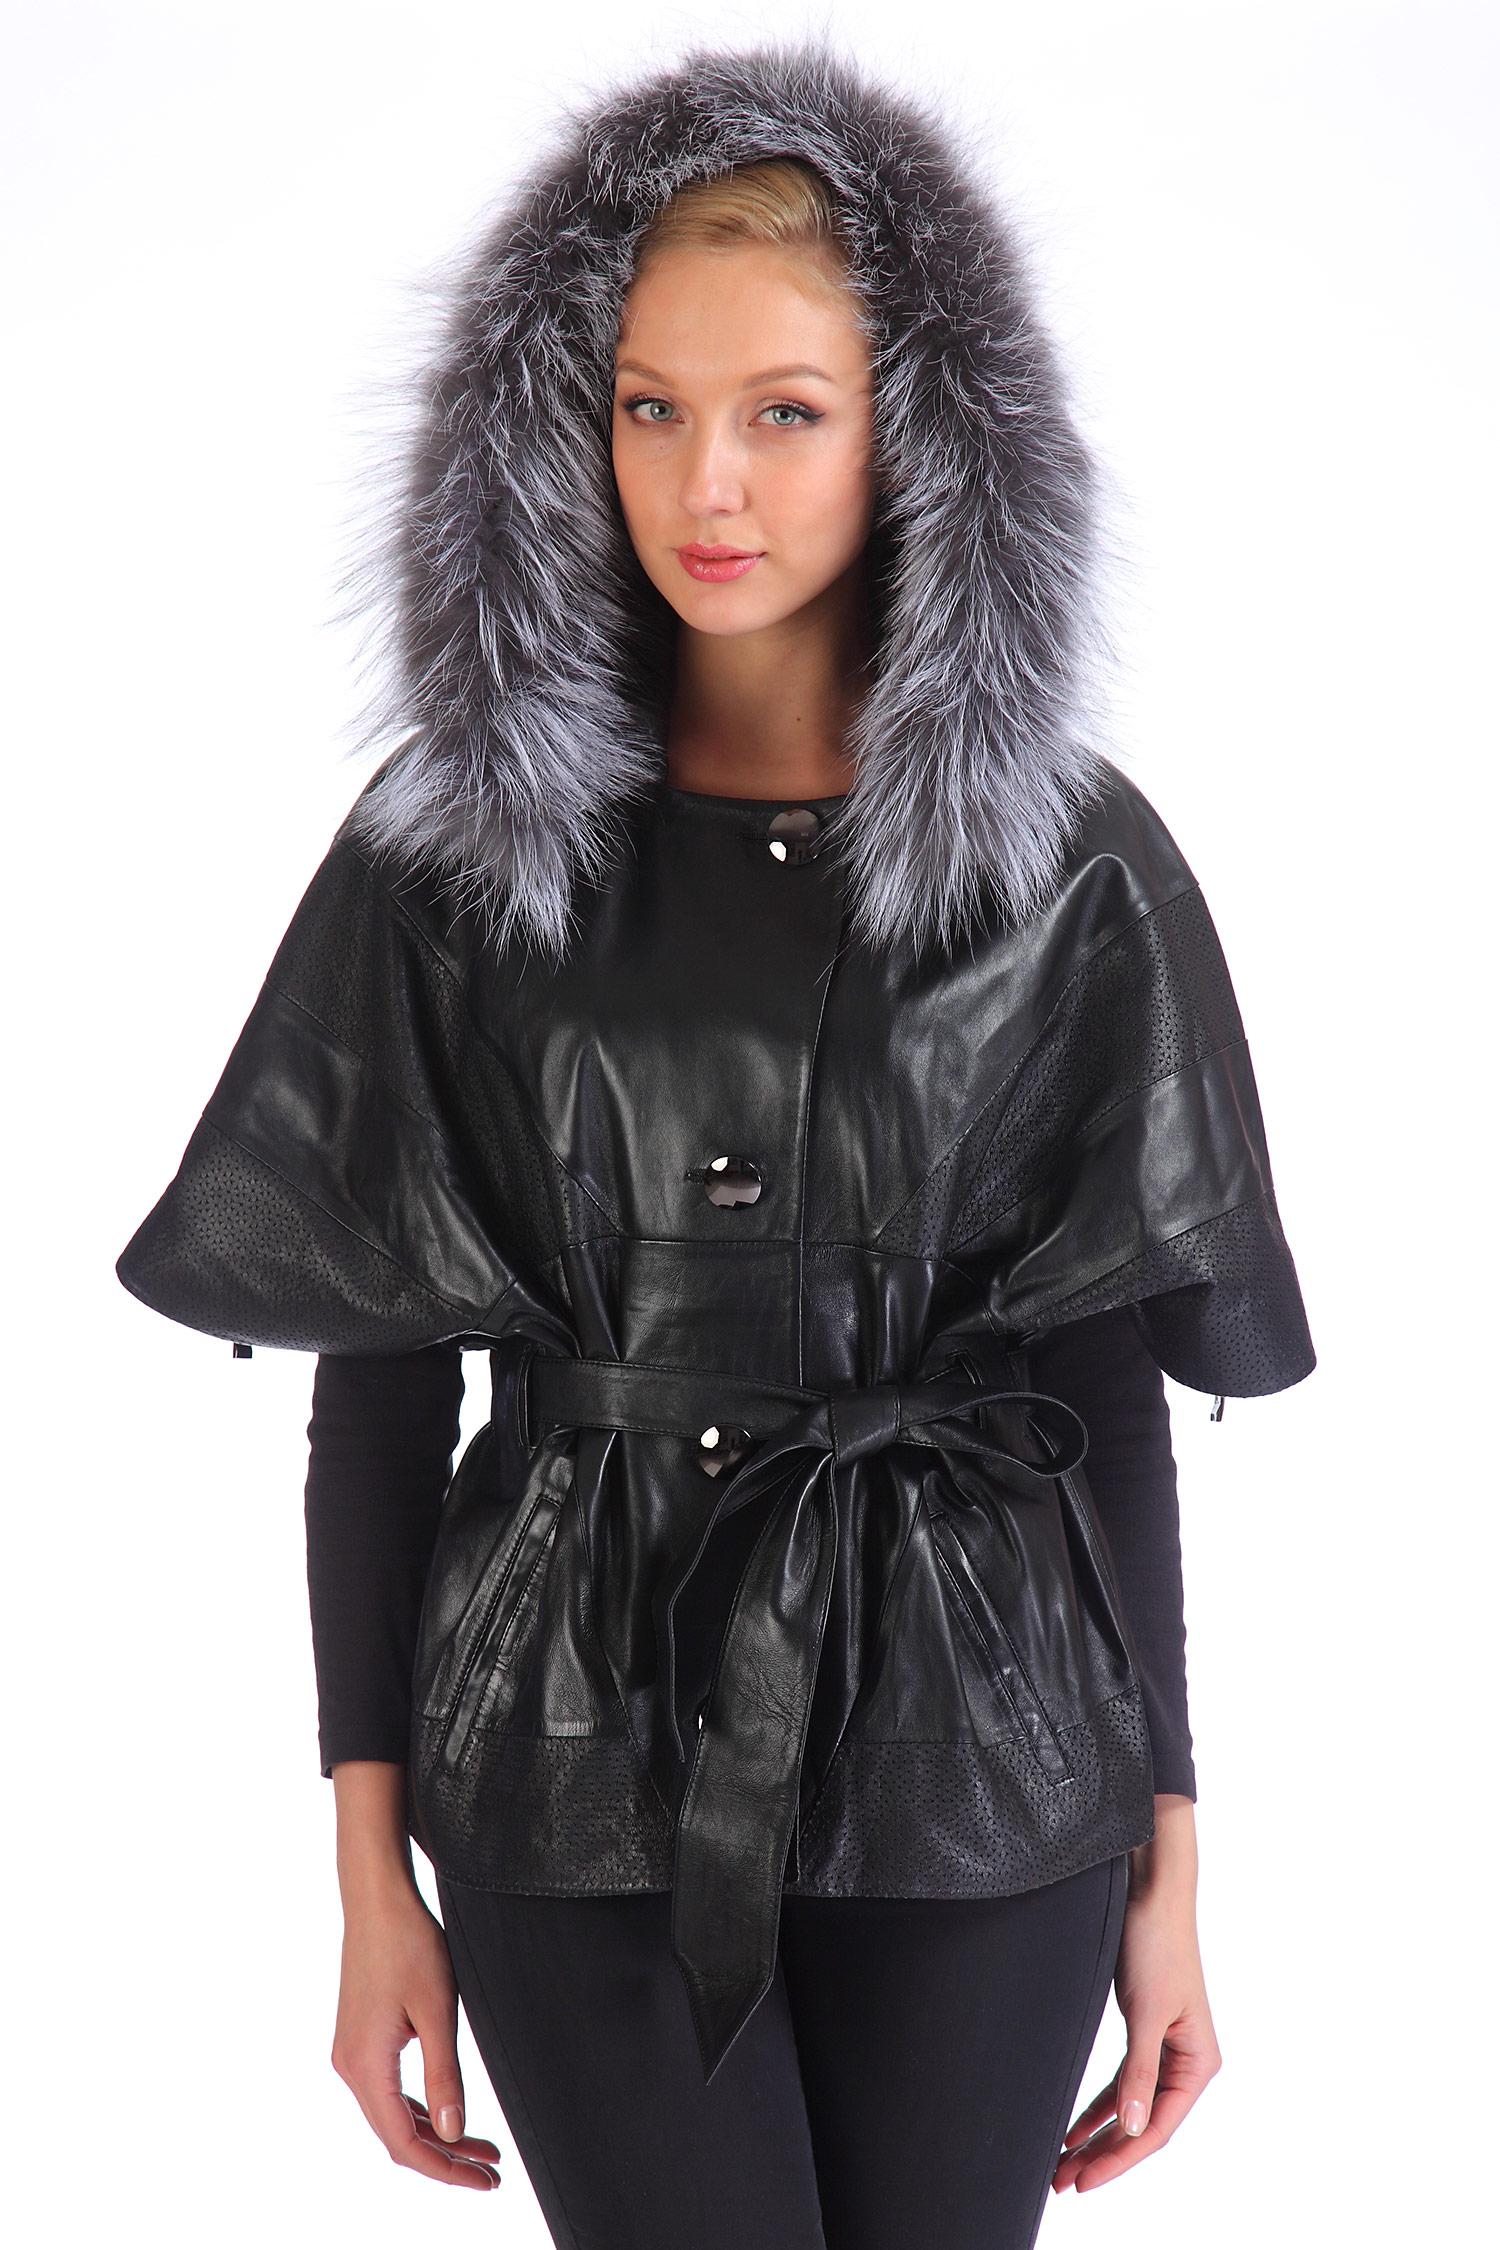 Женская кожаная куртка из натуральной кожи с капюшоном, отделка чернобурка<br><br>Воротник: капюшон<br>Длина см: Короткая (51-74 )<br>Материал: Кожа овчина<br>Цвет: черный<br>Пол: Женский<br>Размер RU: 58